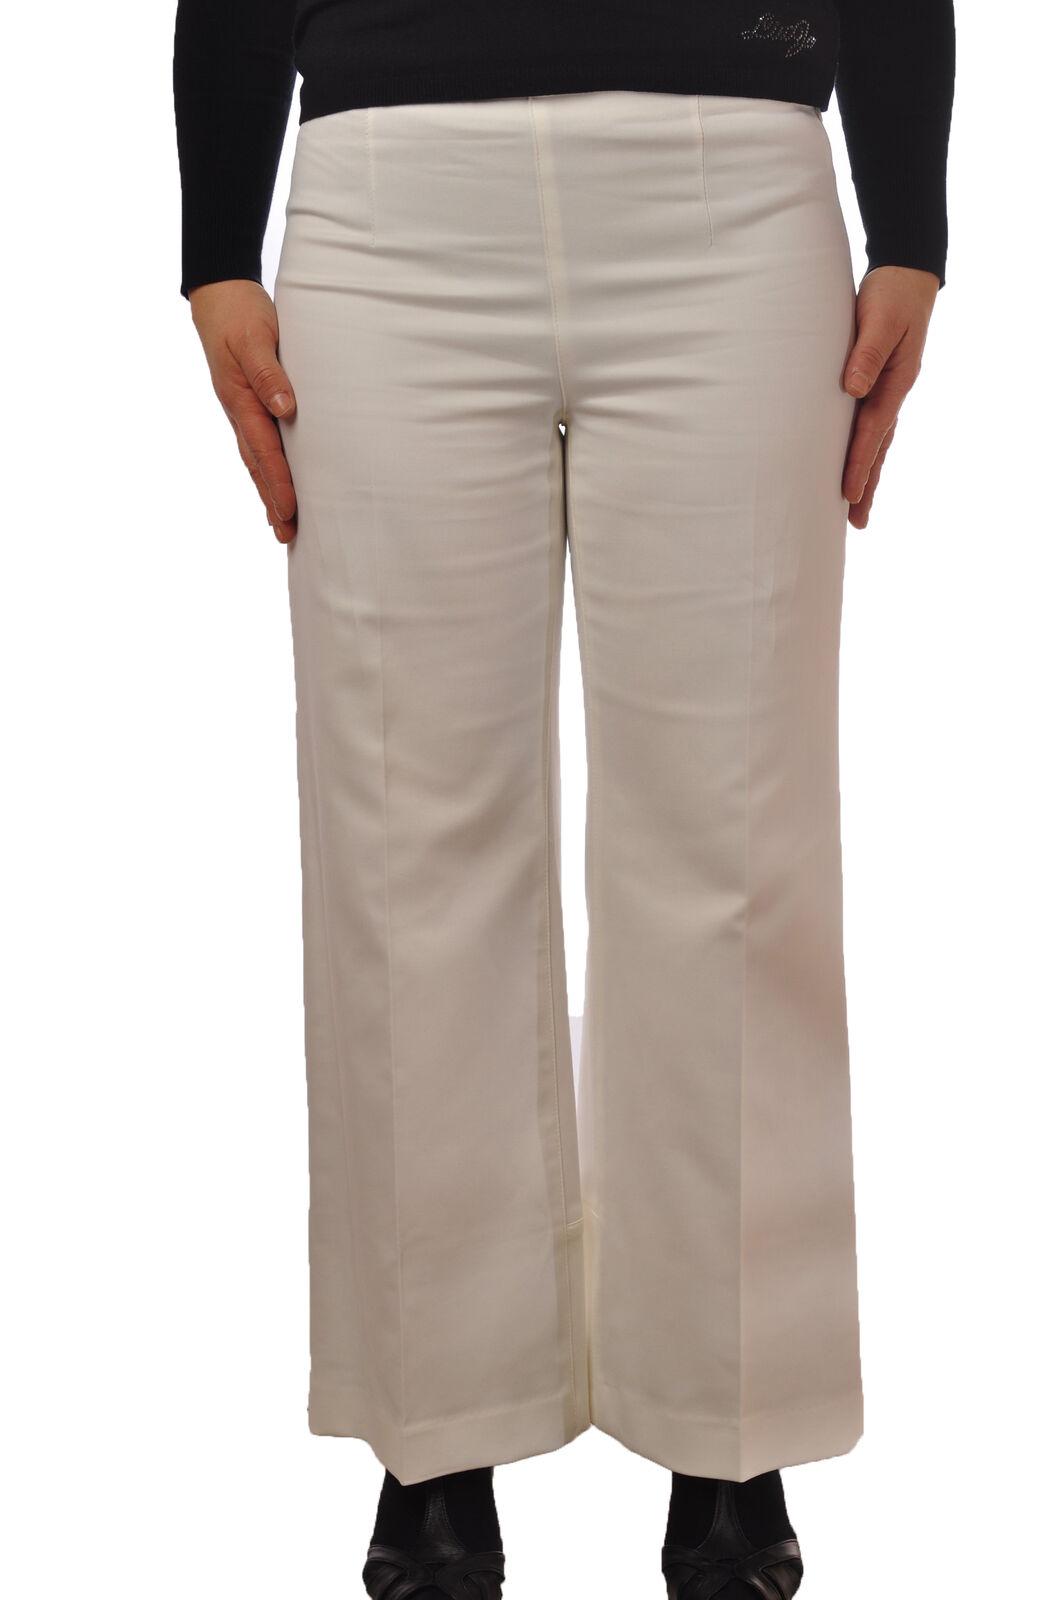 Patrizia Pepe - Pants-Pants - Woman - White - 4827229C184247